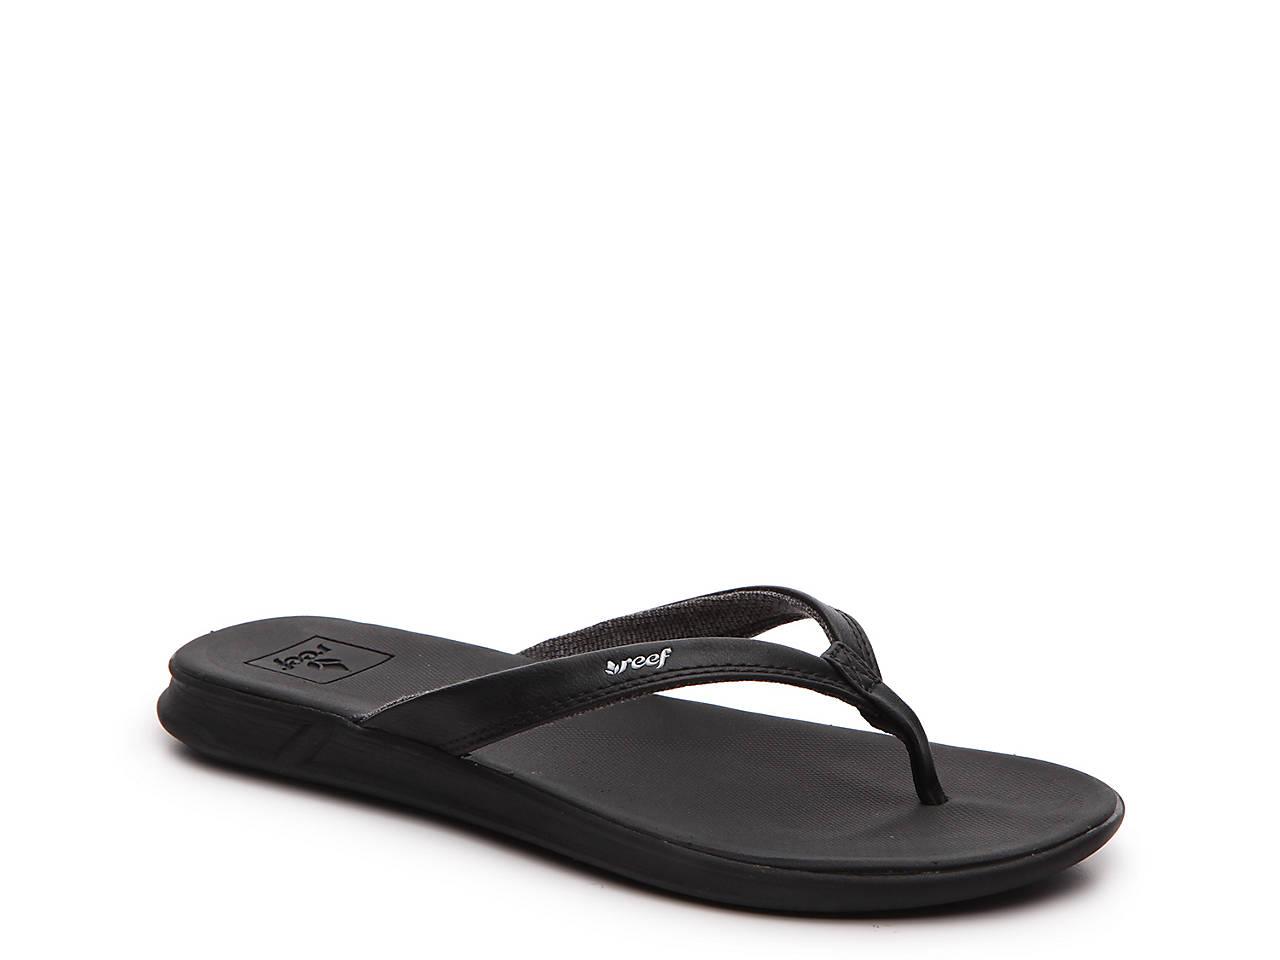 01a9796641c62 Reef Rover Catch Flip Flop Women s Shoes